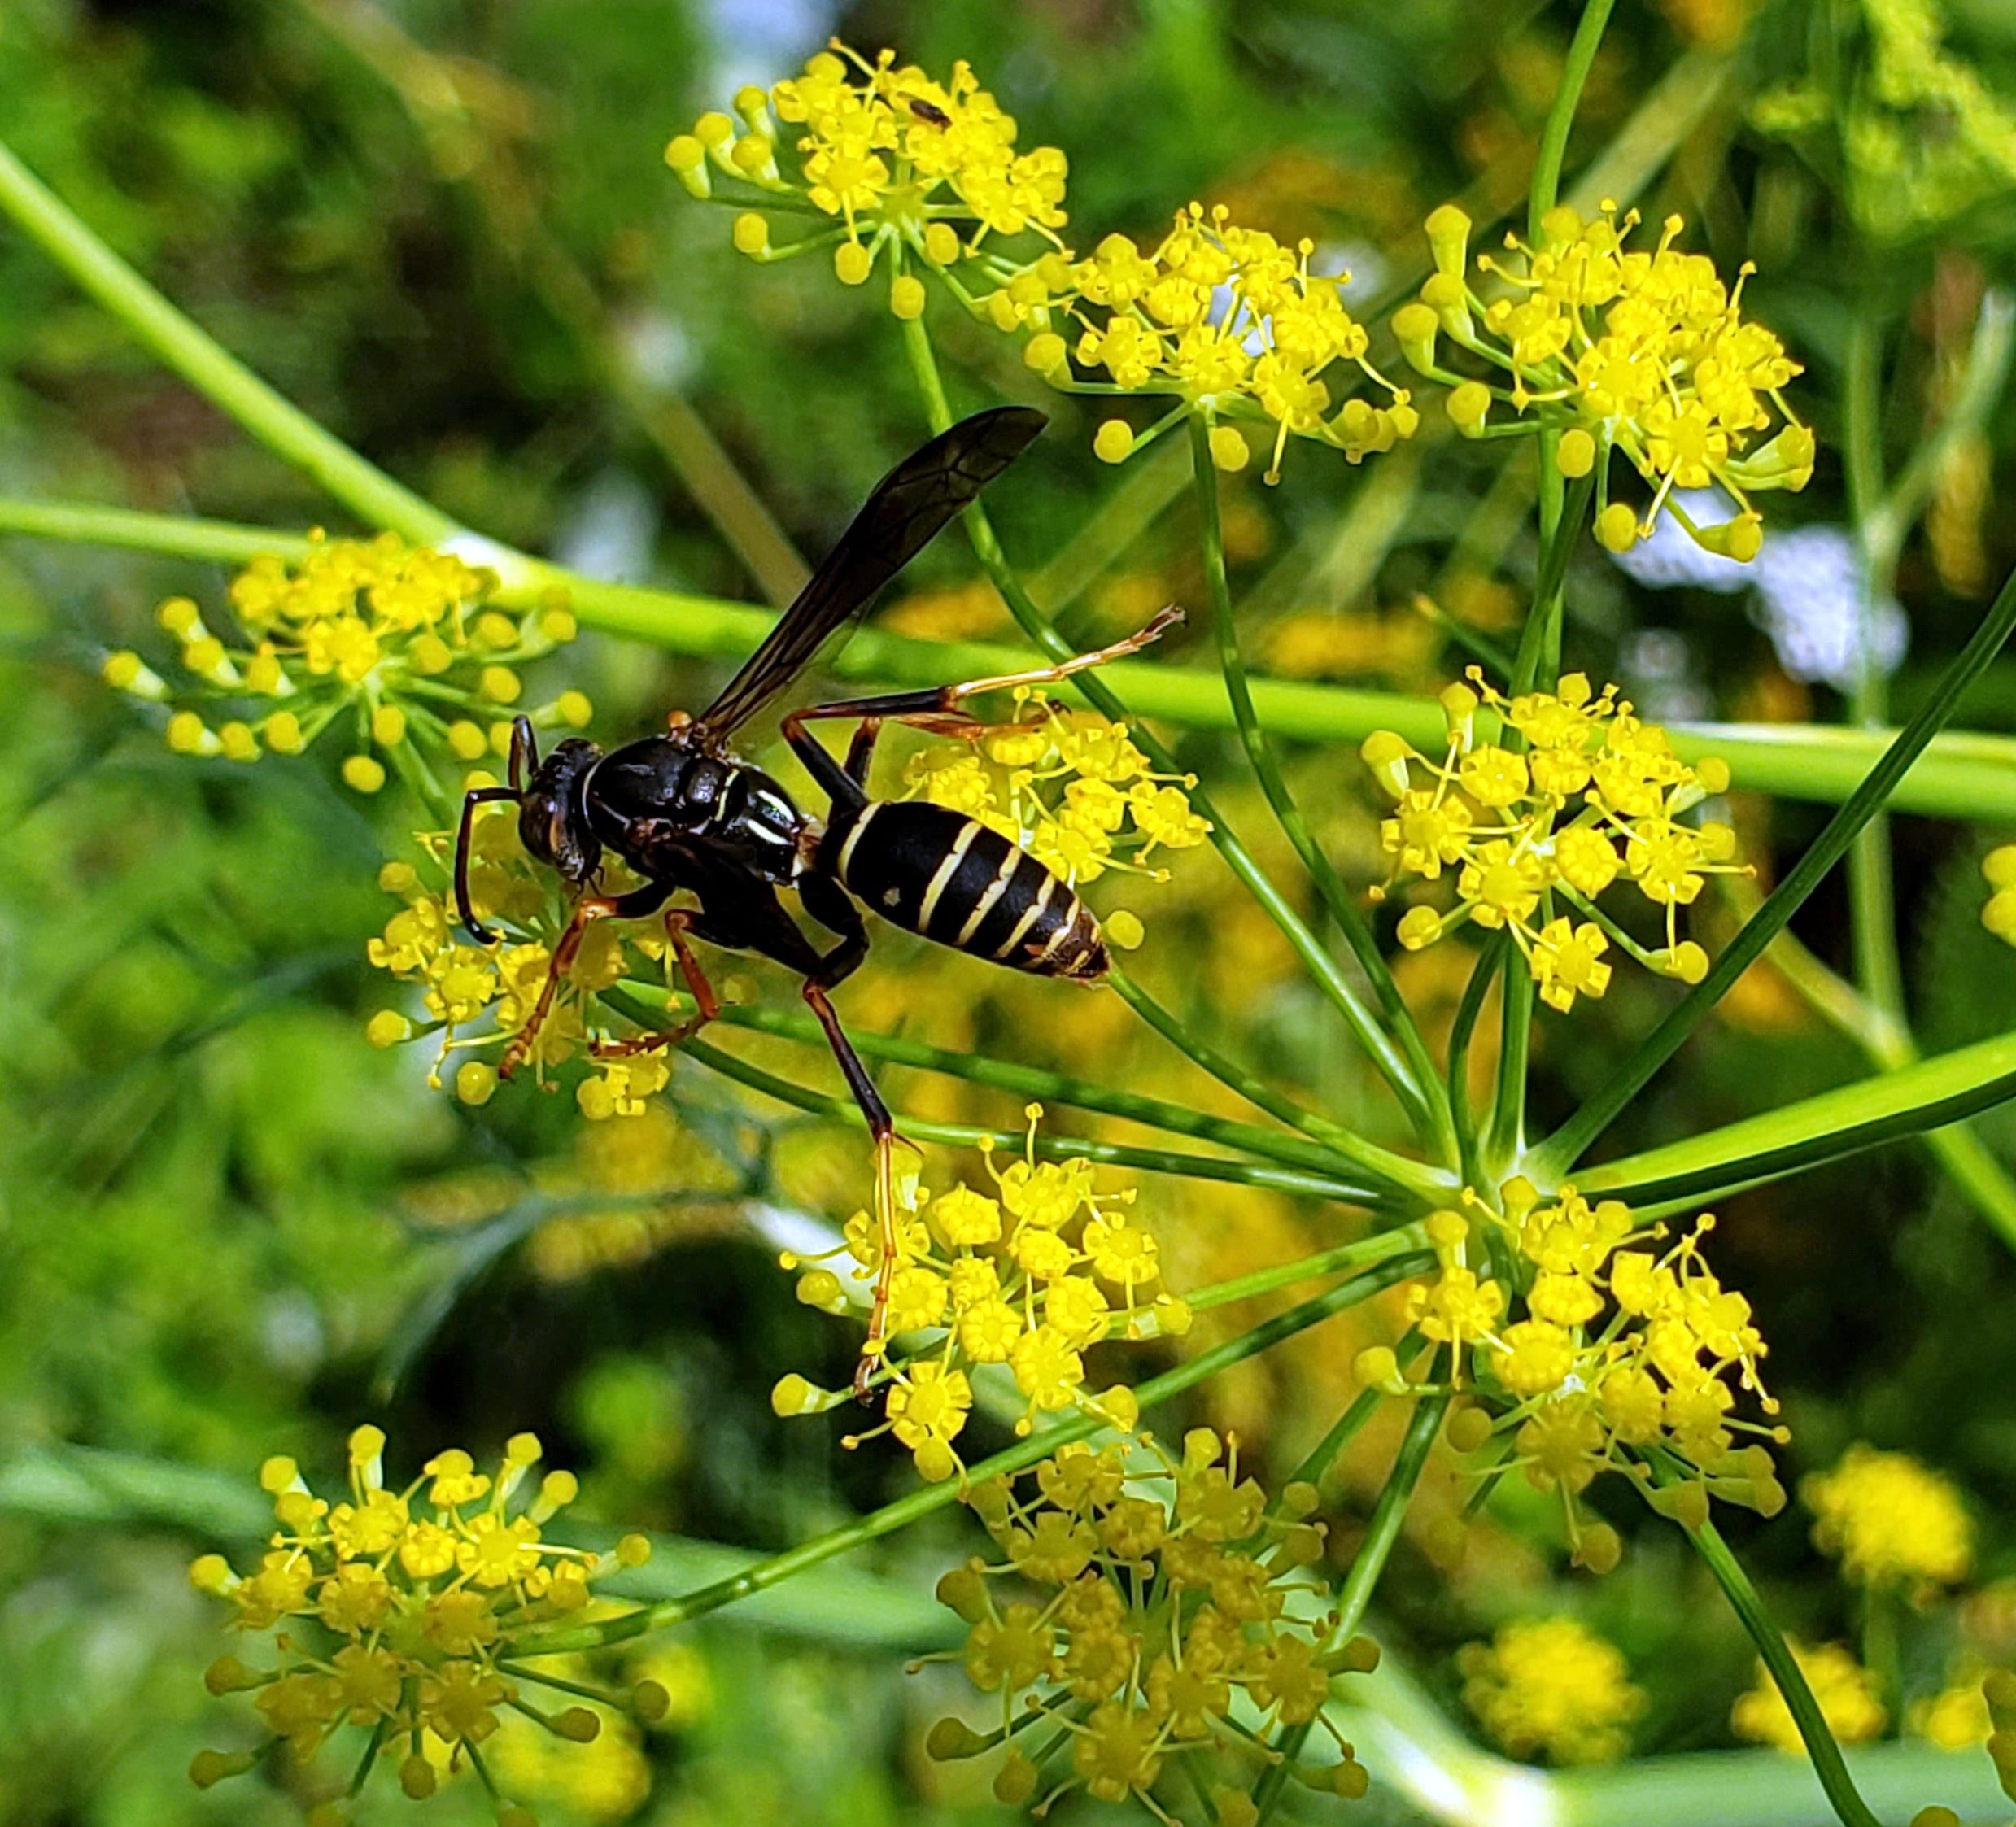 waspfennelflowersfruitguild11Aug2020